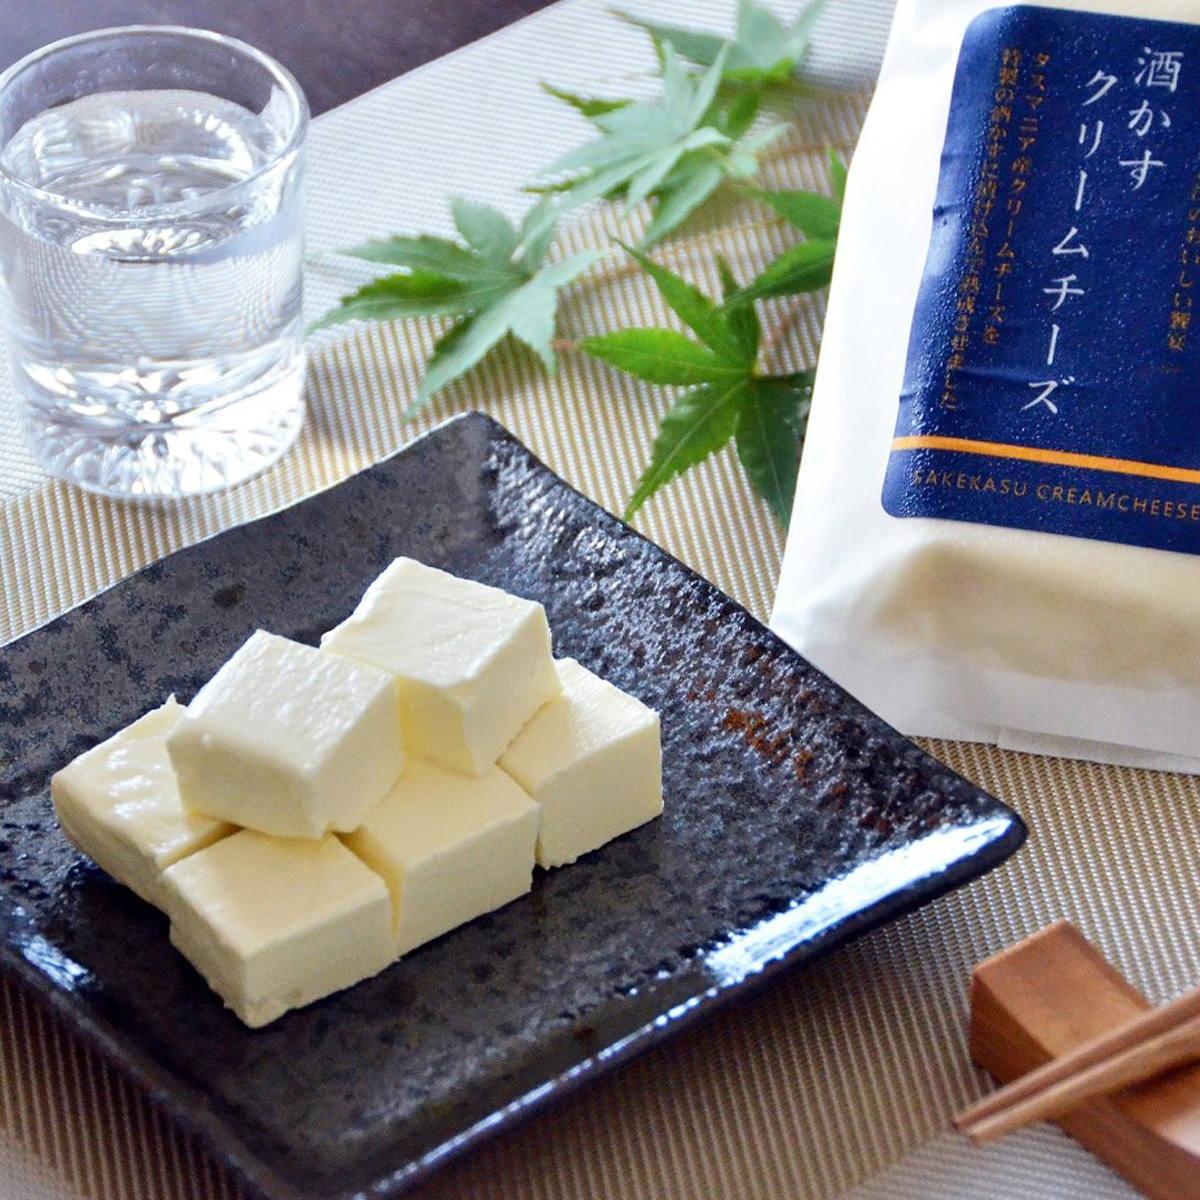 三原食品 芳醇な香りのクリームチーズ 3種6個セット〔酒かす・たまり漬・奈良漬×各2〕